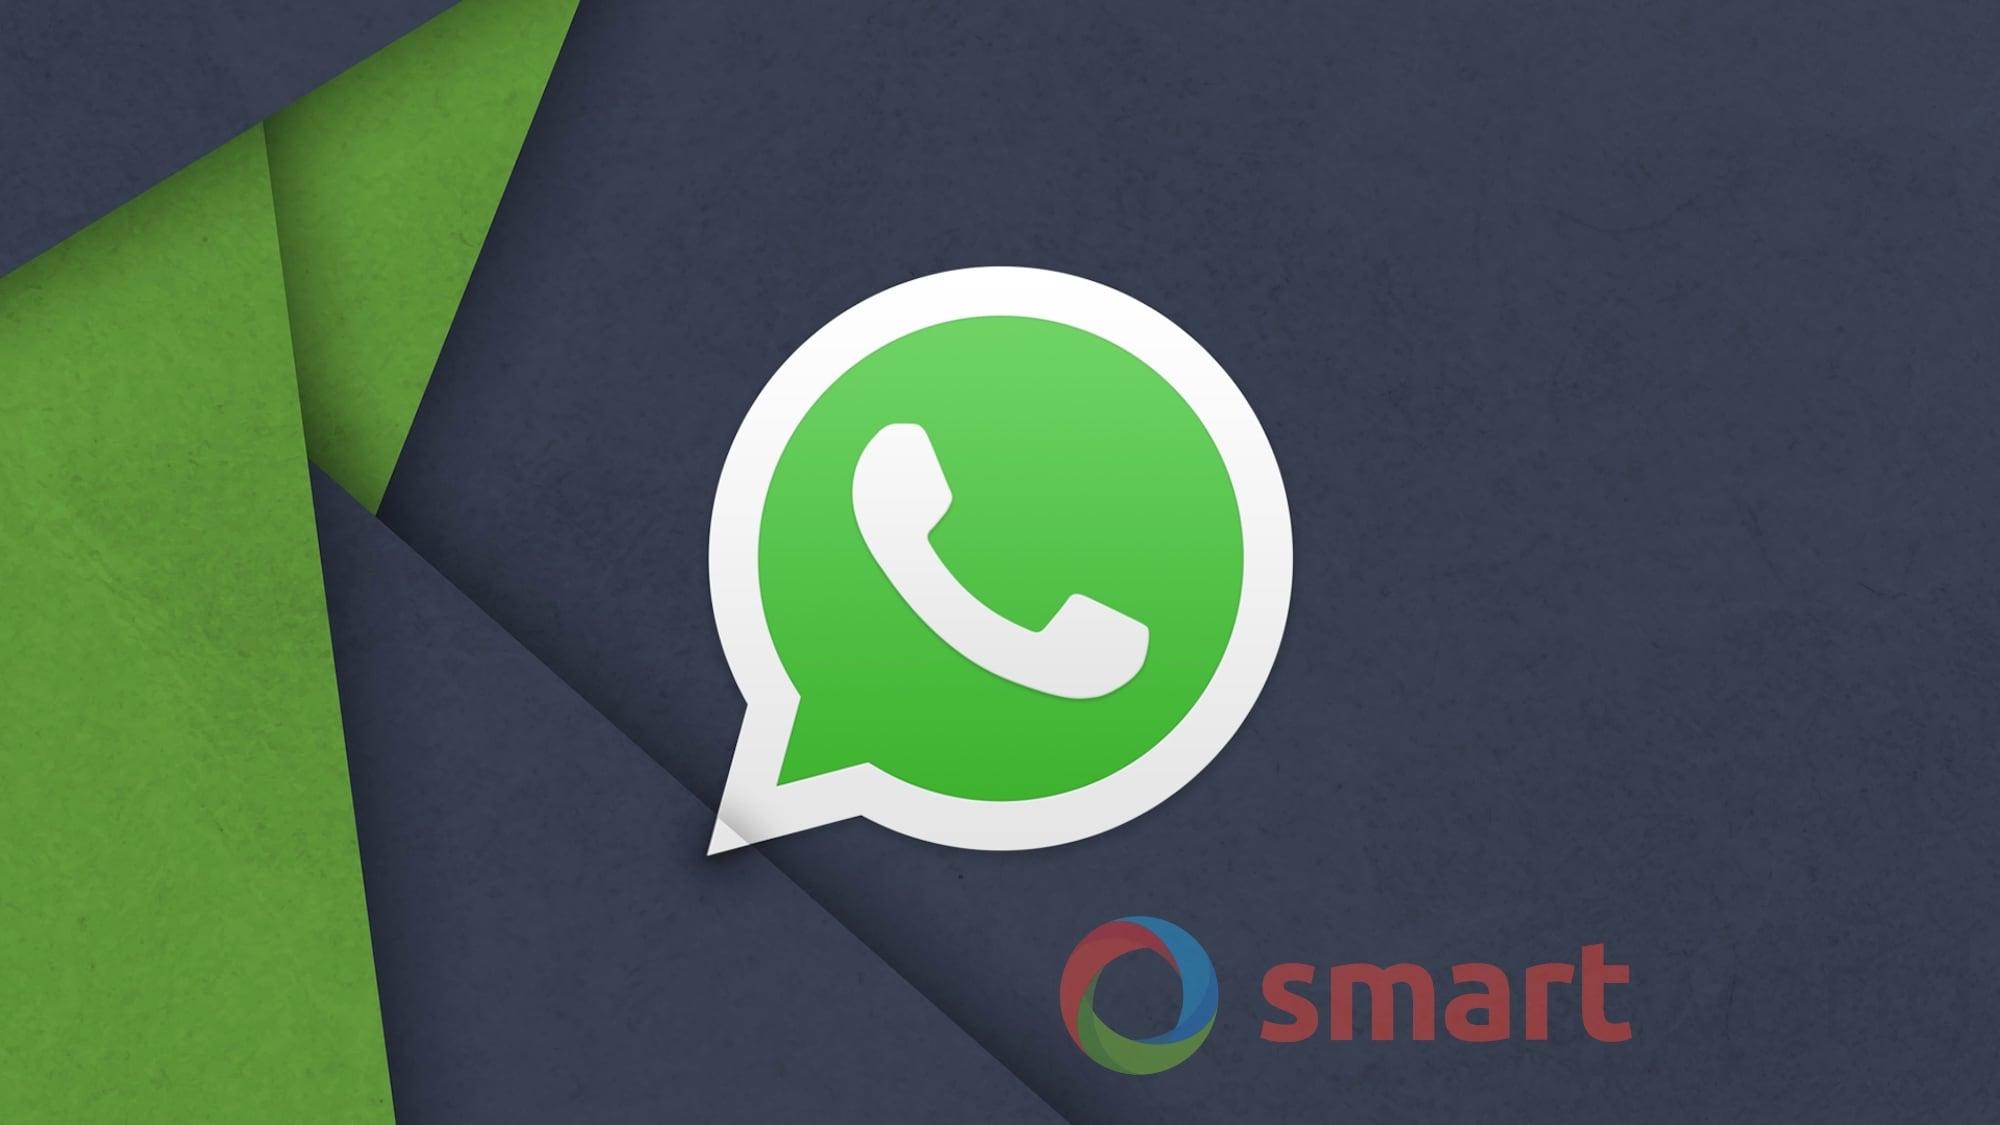 Il tema scuro di WhatsApp avrà le stesse modalità di attivazione di quello per Android (foto)